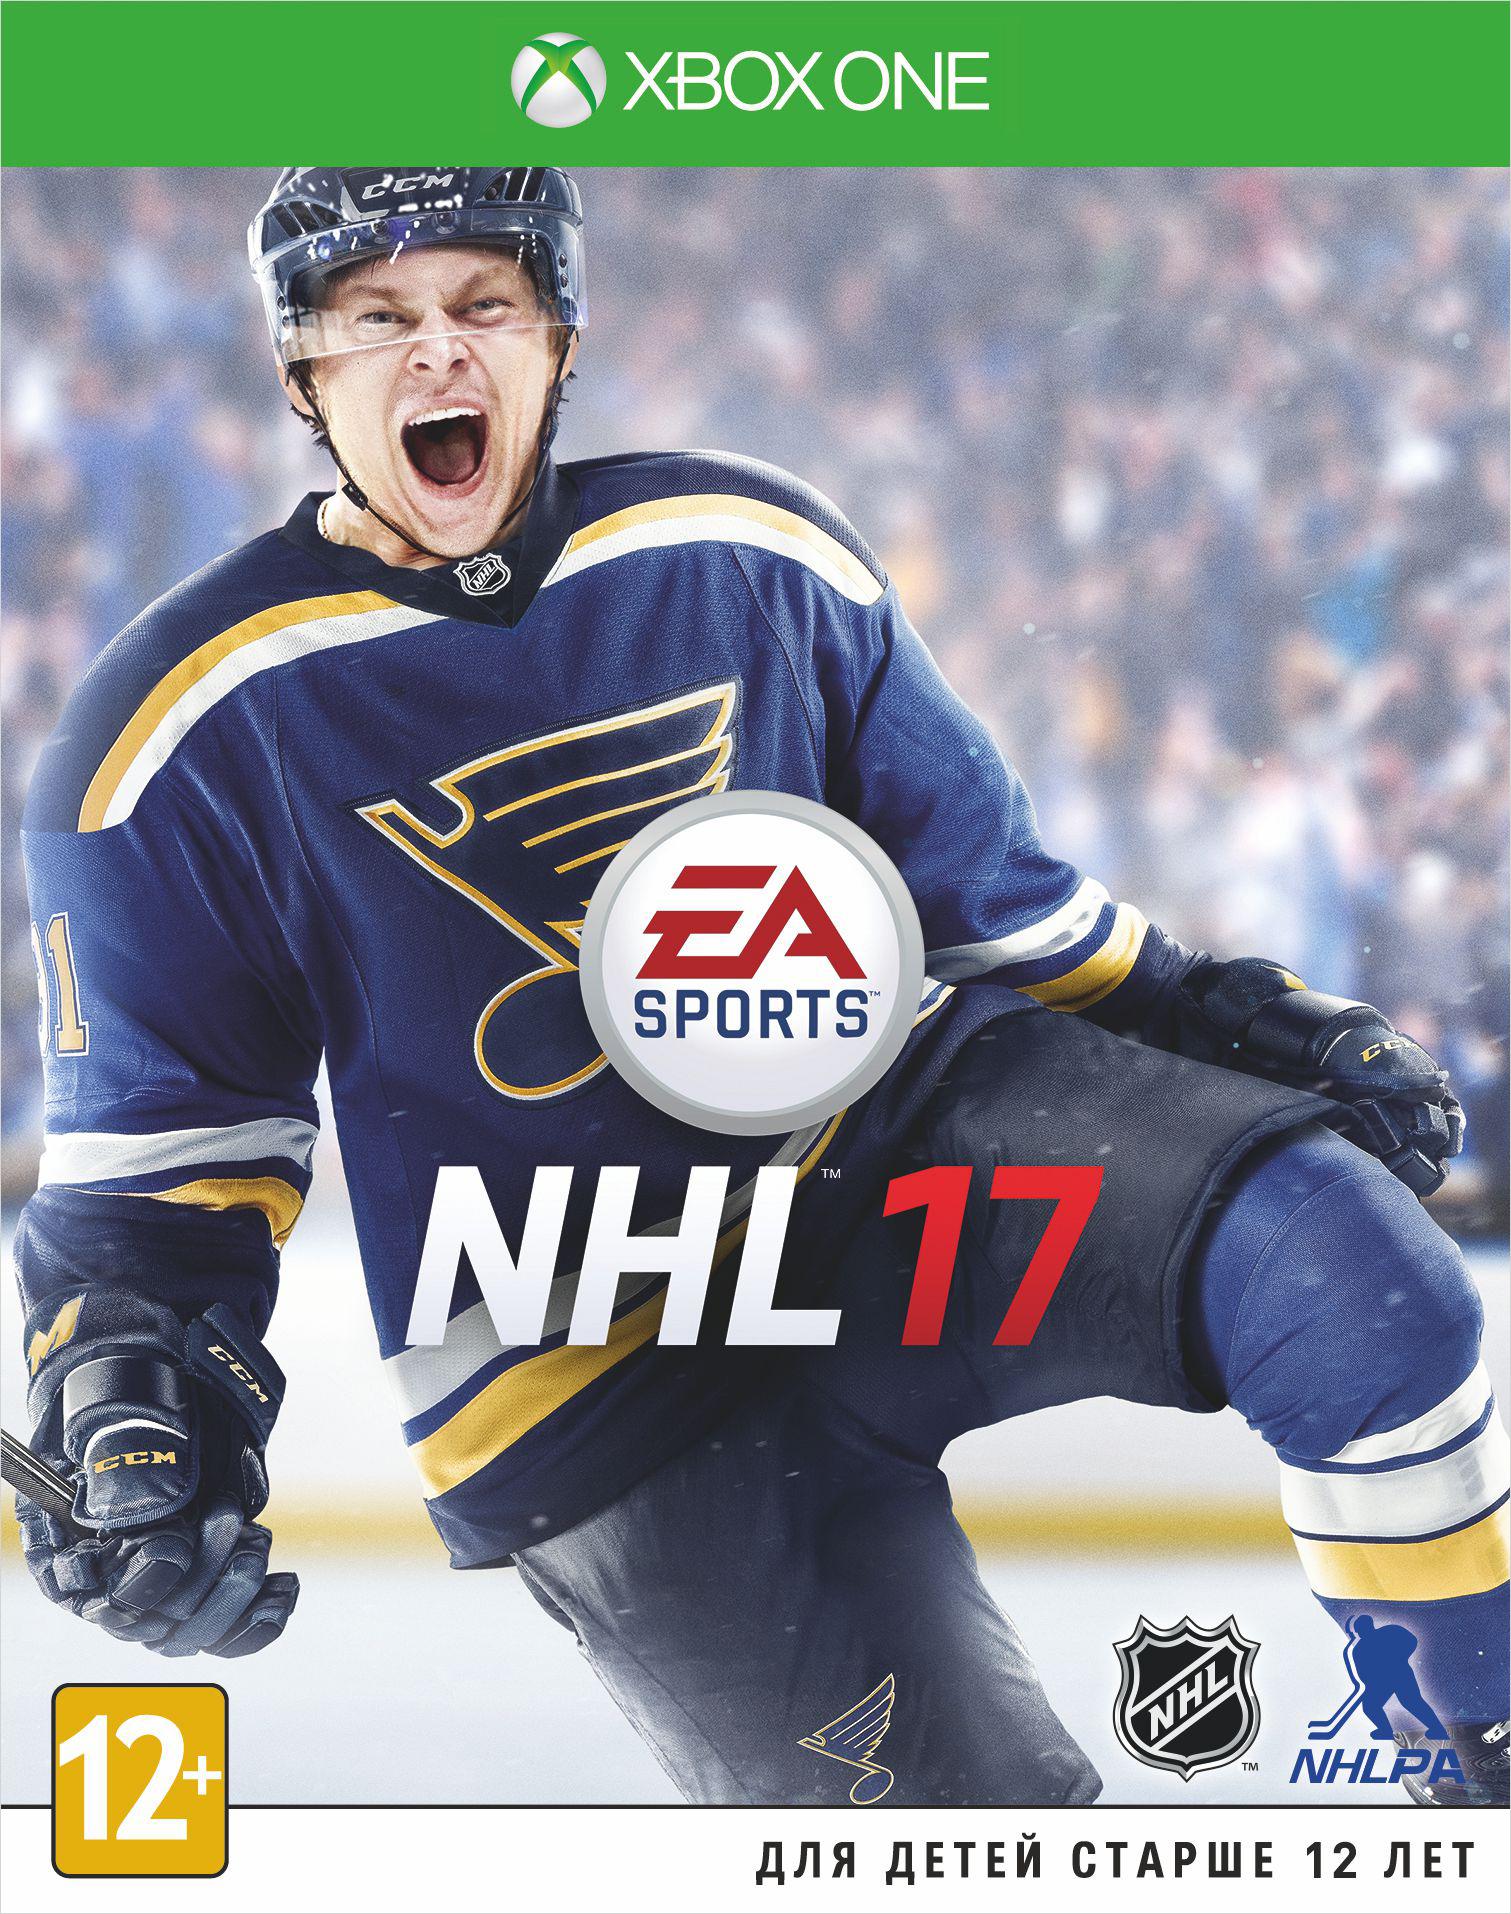 NHL 17 [Xbox One]Новые игровые режимы, новый функционал в уже полюбившихся поклонникам режимах и лучшее виртуальное воплощение хоккея – вот что делает NHL 17 самой увлекательной на настоящее время игрой в серии.<br>